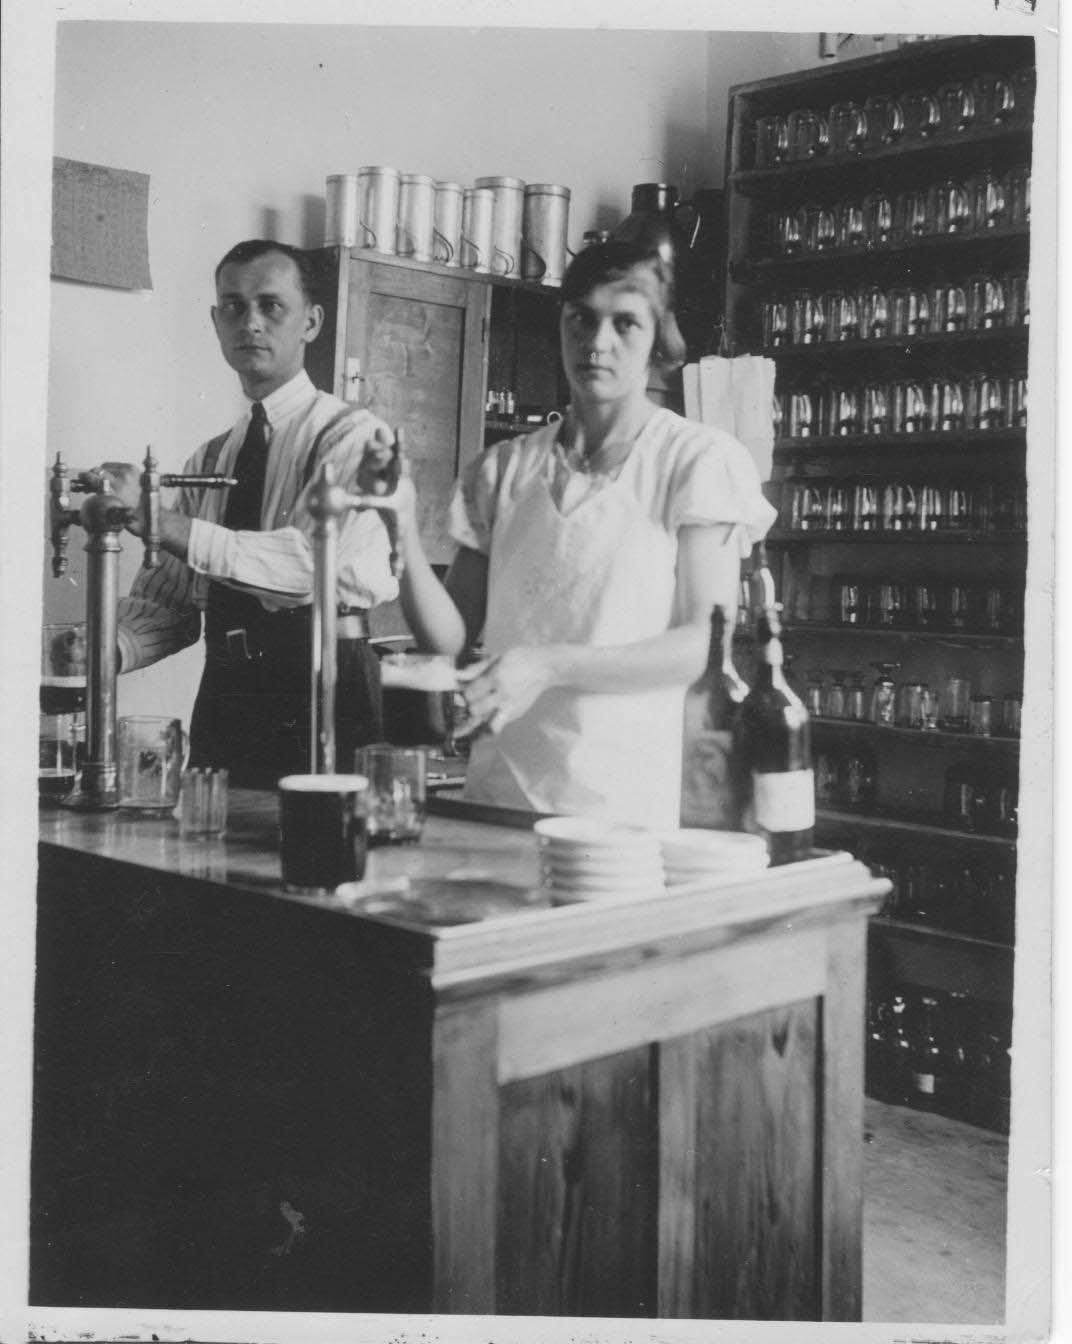 Prejzkovi in the taproom 1935